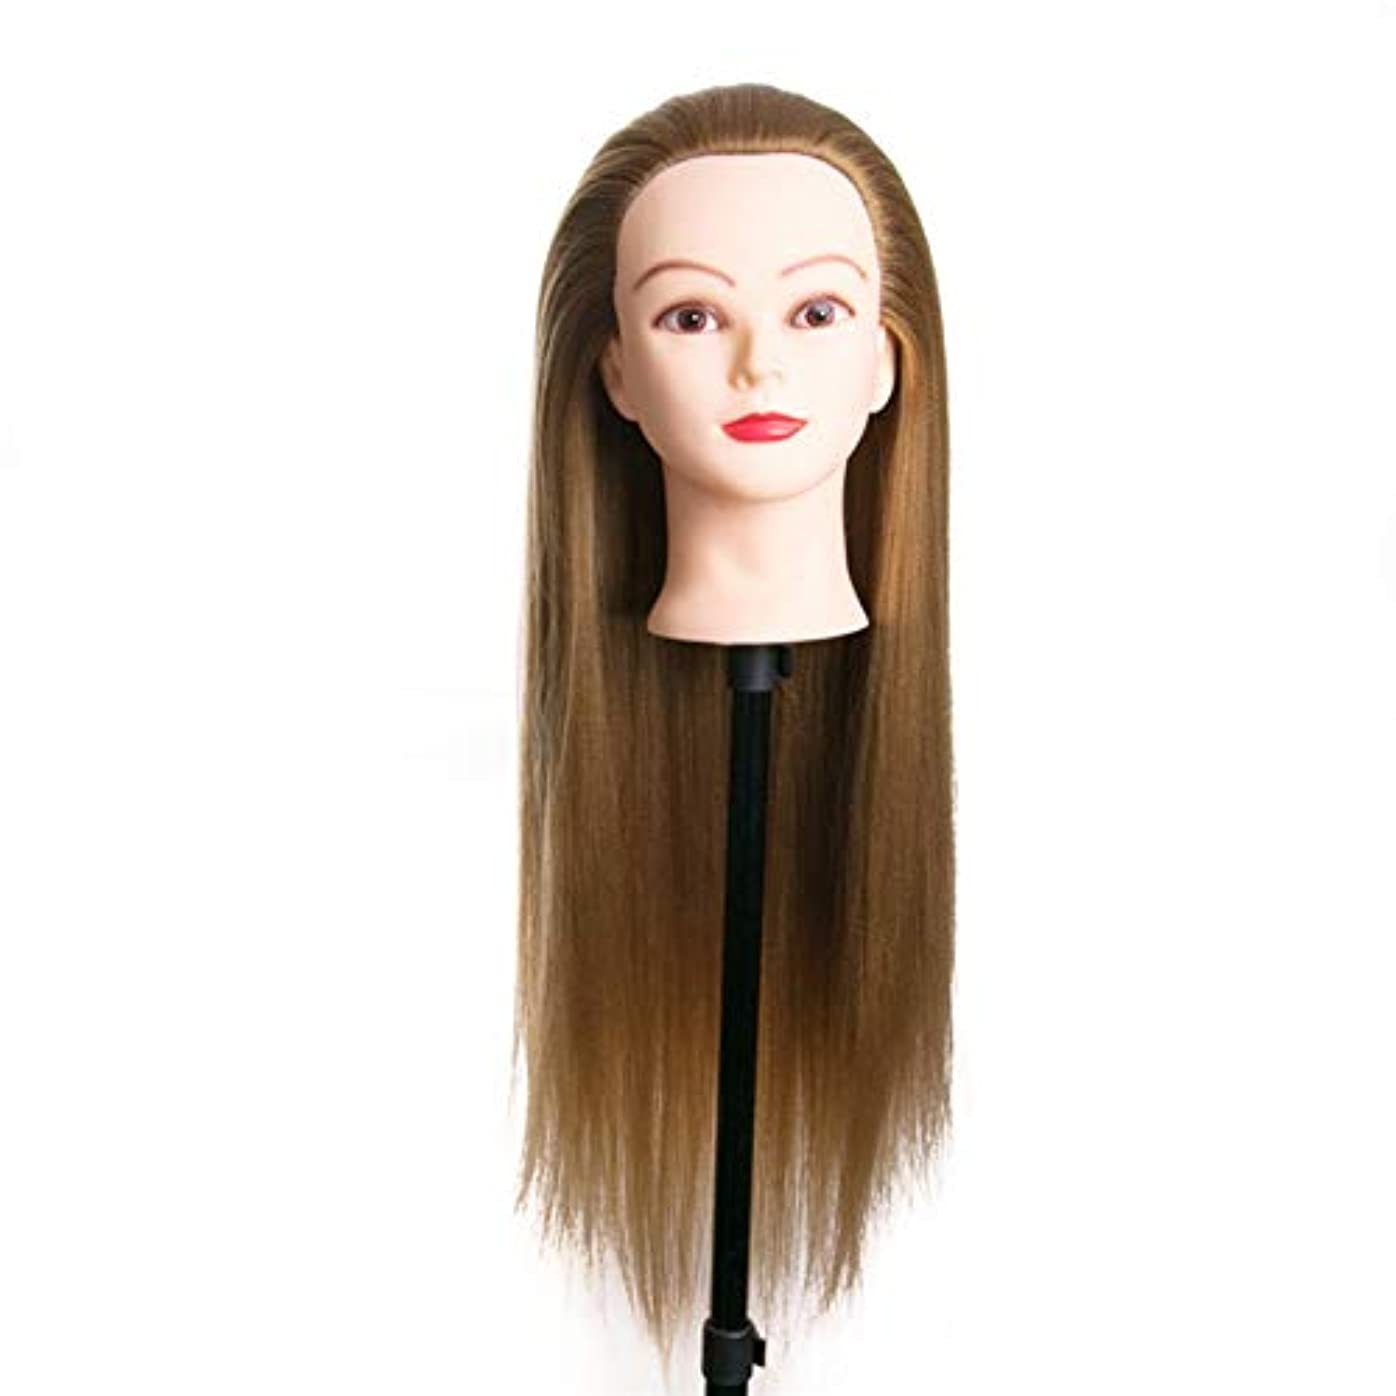 後方に願望ファンタジーメイクアップディスクヘアスタイリング編みを教えるダミーヘッド理髪サロンエクササイズヘッド金型ヘアカットトレーニングかつら3個